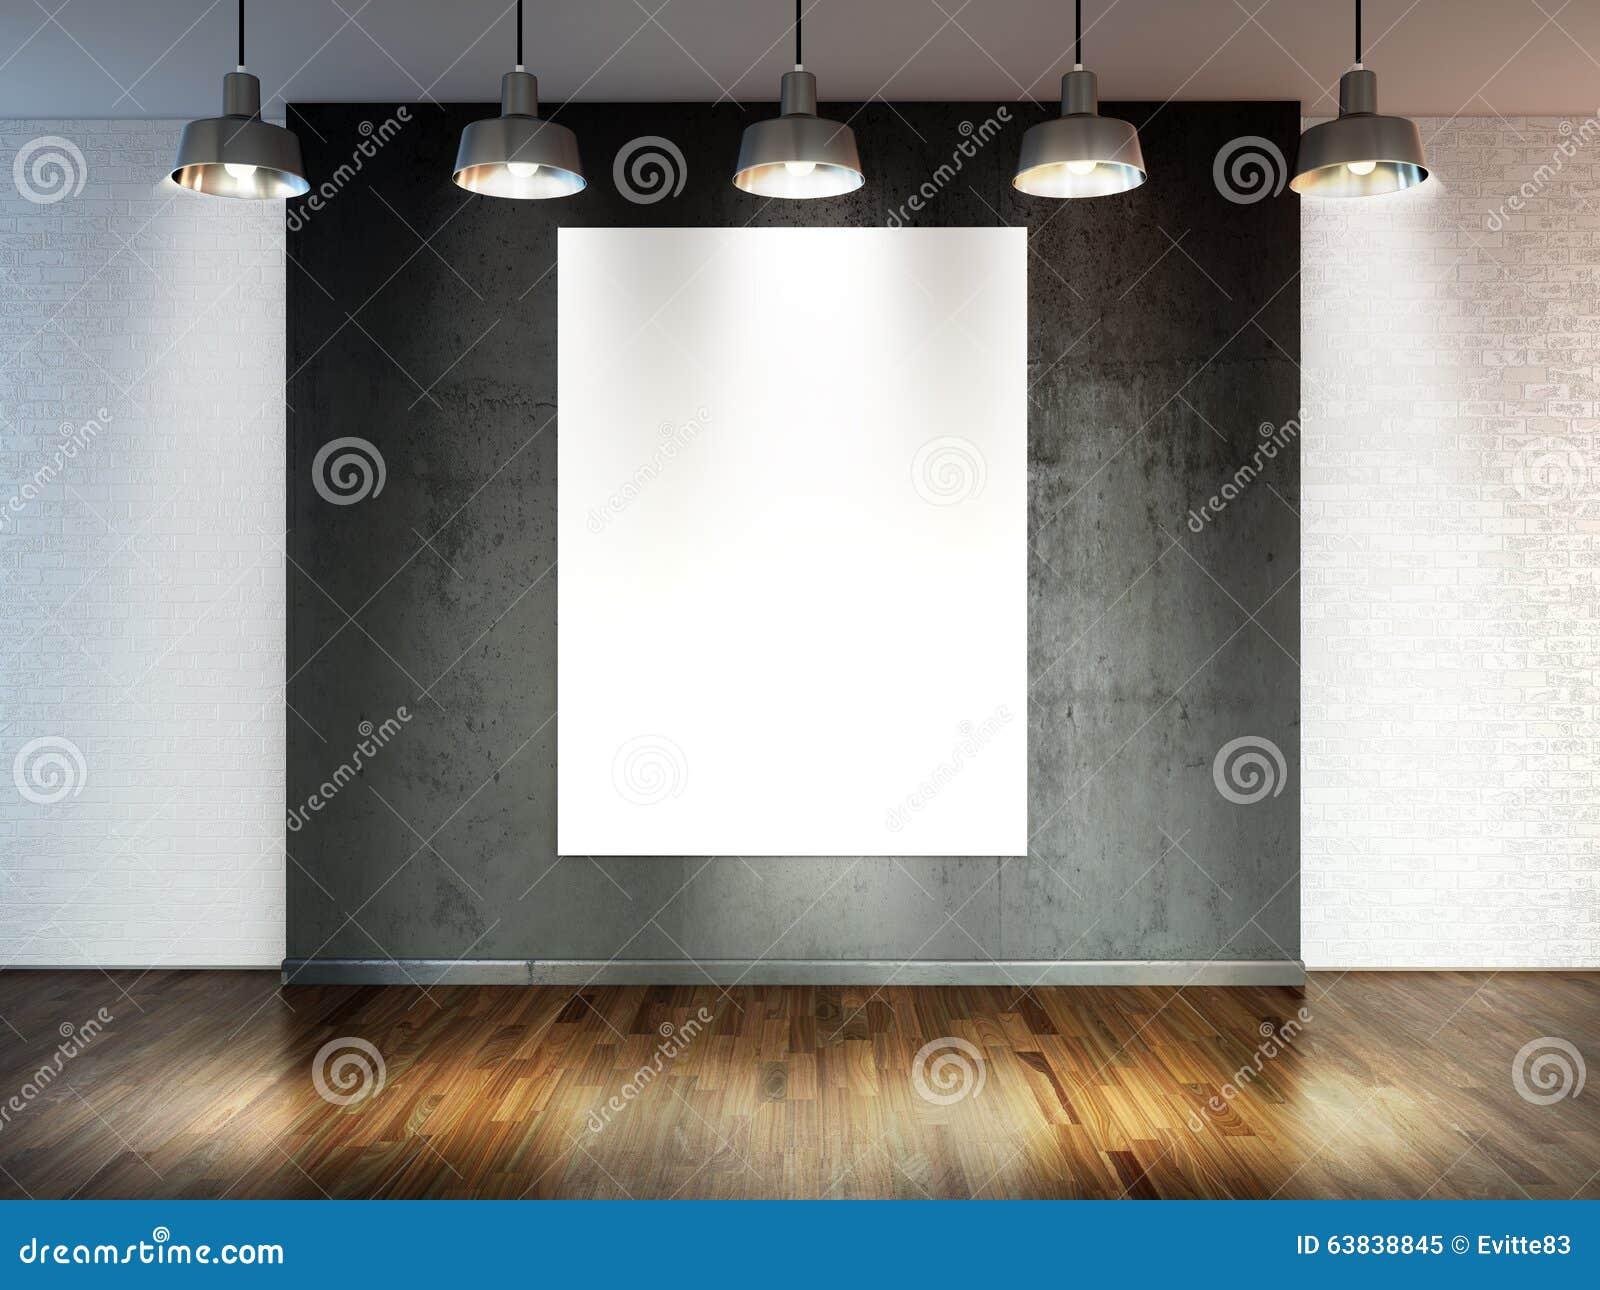 Δωμάτιο με τους λαμπτήρες επικέντρων, κενό διάστημα με το ξύλινους δάπεδο και το τουβλότοιχο ως υπόβαθρο ή σκηνικό για την τοποθέ